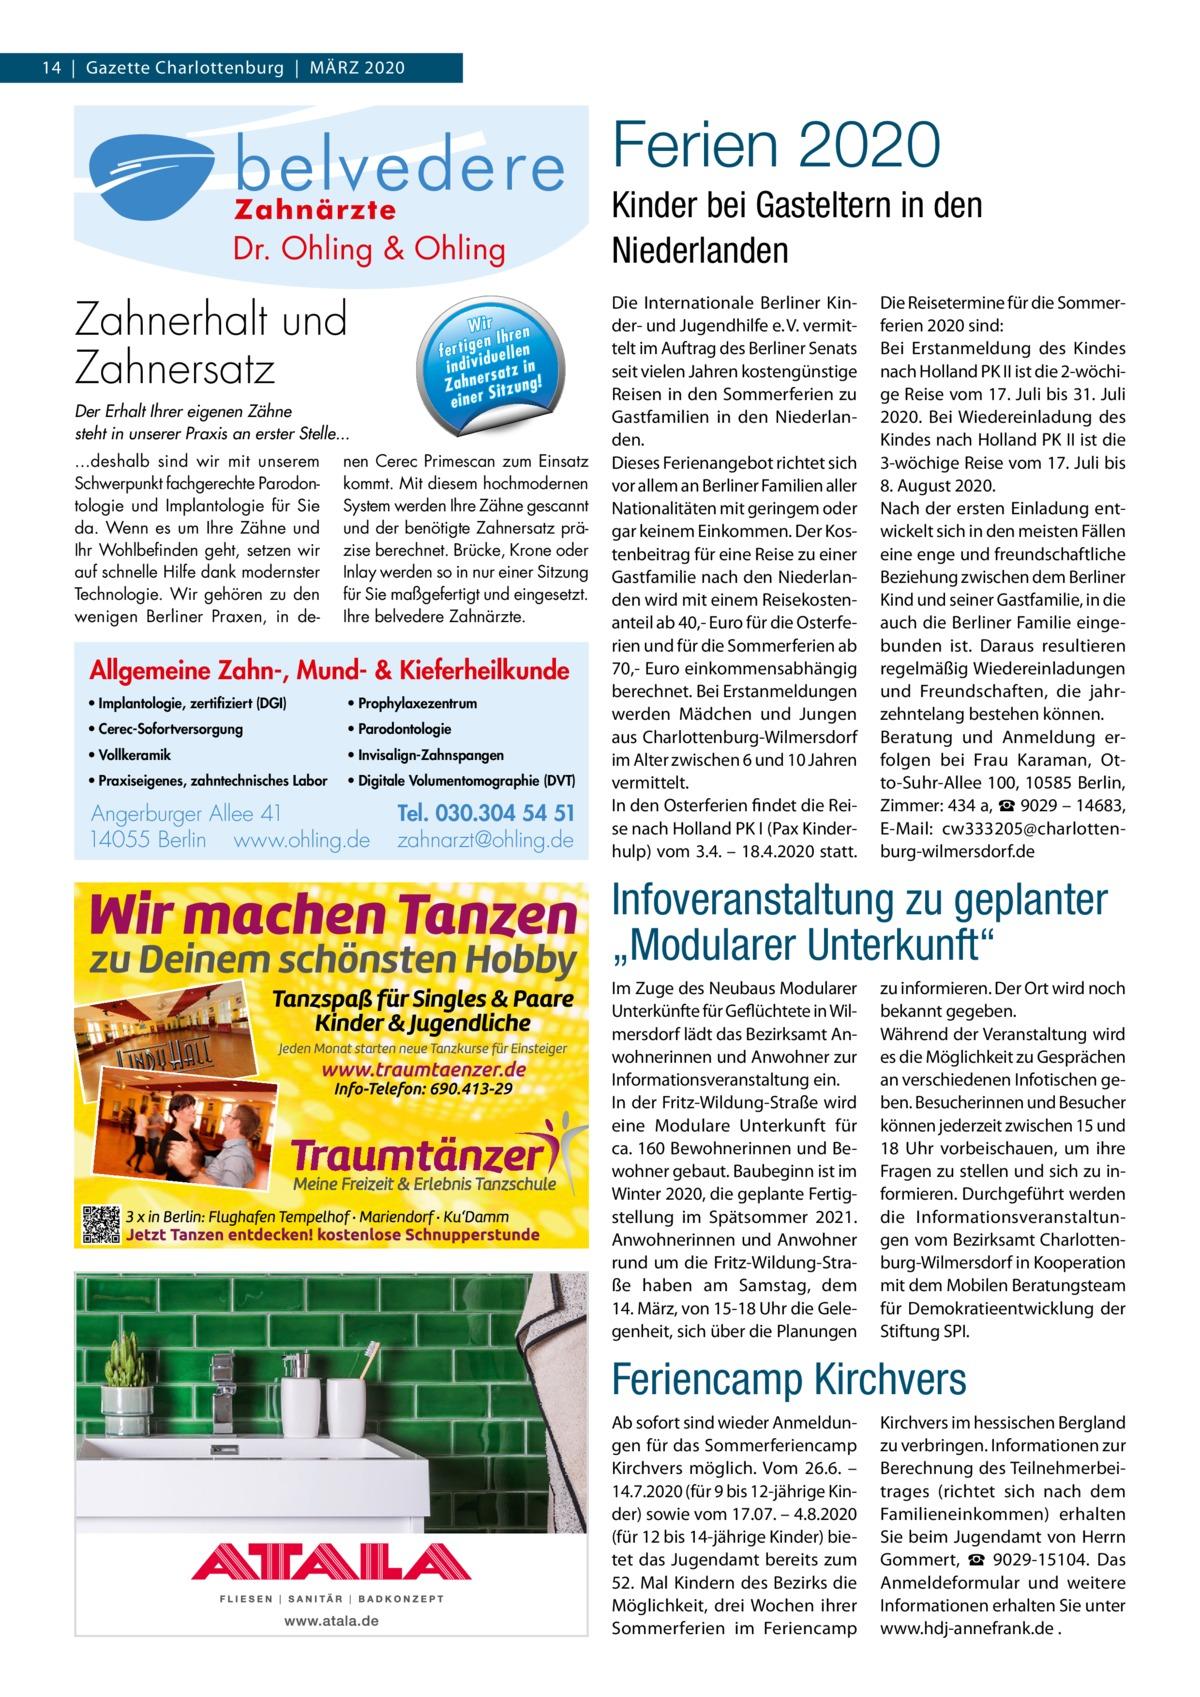 14|Gazette Charlottenburg|März 2020  Ferien 2020 Allgemeine Zahn-, Mund- & Kieferheilkunde  Zahn-, Allgemeine nde ieferheilku Mund- & K  lo g ie , · Im p la n to (D G I) z e rt ifi z ie rt · Implantologie, ik · Vo ll k e ra m zertifiziert (DGI) g n li h x e z e n tr u m ling & O · P ro p h y la Dr. O·hVollkeramik lo g ie · P a ro d o n to · Prophylaxezentrum e n e s, 51 Kin- Die Reisetermine igSommerDie Internationale die is e · P ra xfür 04 54Berliner or .3 0 3 0 in rl l. · Parodontologie e is c h e s La b Te B Tel. r h 5 i c W ir der- und Jugendhilfe e. ferien 2020 sind: 05 W · V1. 4vermitz a h n te n n 1 4 e e r e h ll n I A e re r e rg uPraxiseigenes, ohling.d erb·im Auftrag des Berlinert@ Senats Bei Erstanmeldung des Kindes r t i g e n e l l eBerlin fe rt ig e n Ih n Angtelt Angerburger Allee 41 ·f e14055 en e · zahnarz ng.d li dividu tz in h n .o i in d iv id u e ll w w seit vielen Jahren kostengünstige w zahntechnisches Labor nach Holland PK II ist die 2-wöchiwww.ohling.de · zahnarzt@ohling.de rsa ! Zahne Sitzung! Z a h n e rs a tz Reisen in den Sommerferien zu ge Reise vom 17.Juli bis 31.Juli r eine Der Erhalt Ihrer eigenen Zähne Gastfamilien in den Niederlan- 2020. Bei Wiedereinladung des steht in unserer Praxis an erster Stelle... den. Kindes nach Holland PK II ist die ...deshalb sind wir mit unserem nen Cerec Primescan zum Einsatz Dieses Ferienangebot richtet sich 3-wöchige Reise vom 17.Juli bis Schwerpunkt fachgerechte Parodon- kommt. Mit diesem hochmodernen vor allem an Berliner Familien aller 8.August 2020. tologie und Implantologie für Sie System werden Ihre Zähne gescannt Nationalitäten mit geringem oder Nach der ersten Einladung entda. Wenn es um Ihre Zähne und und der benötigte Zahnersatz prä- gar keinem Einkommen. Der Kos- wickelt sich in den meisten Fällen Ihr Wohlbefinden geht, setzen wir zise berechnet. Brücke, Krone oder tenbeitrag für eine Reise zu einer eine enge und freundschaftliche auf schnelle Hilfe dank modernster Inlay werden so in nur